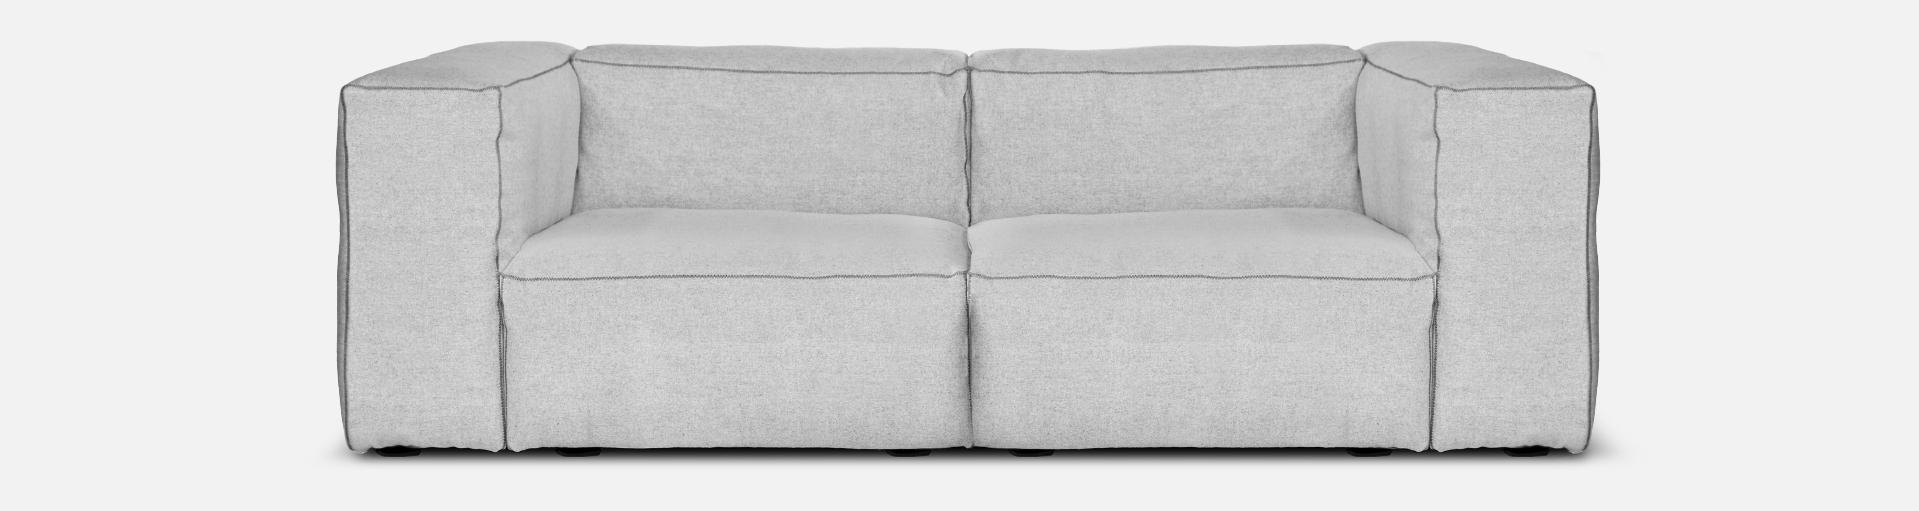 hay mags soft sofa tilbud home. Black Bedroom Furniture Sets. Home Design Ideas